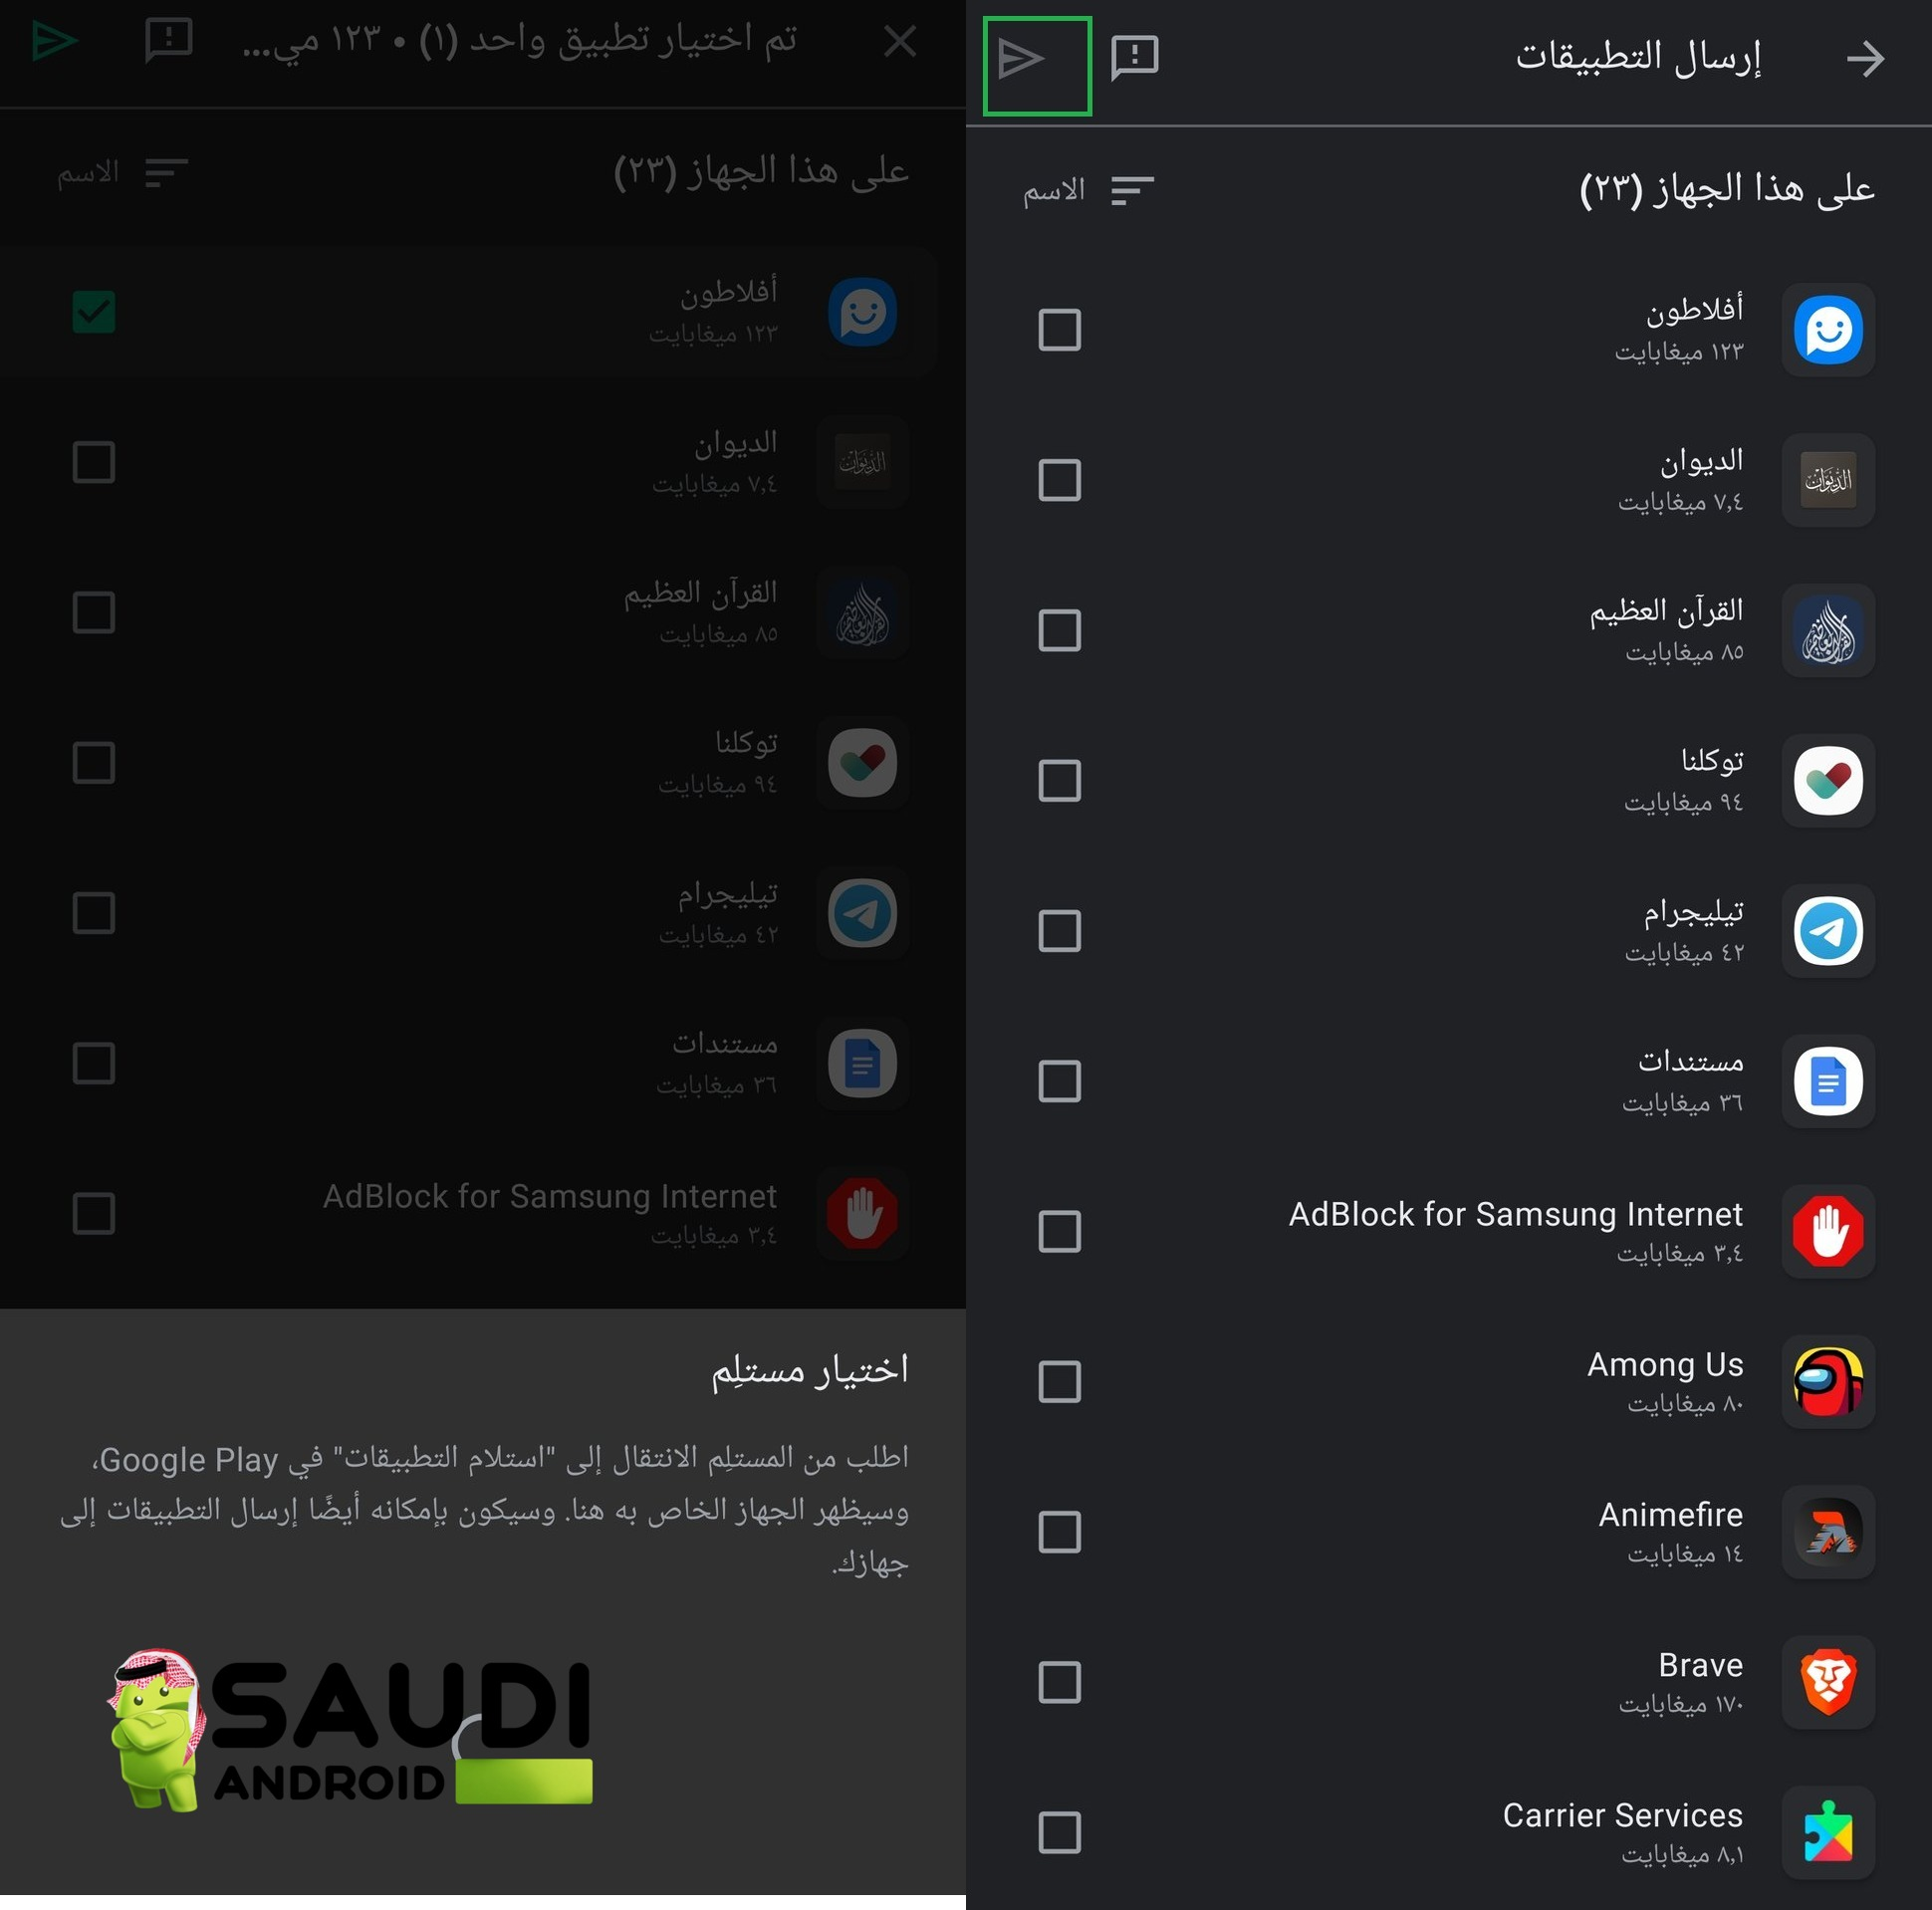 طريقة مشاركة تطبيقات أندرويد عبر ميزة Nearby Share